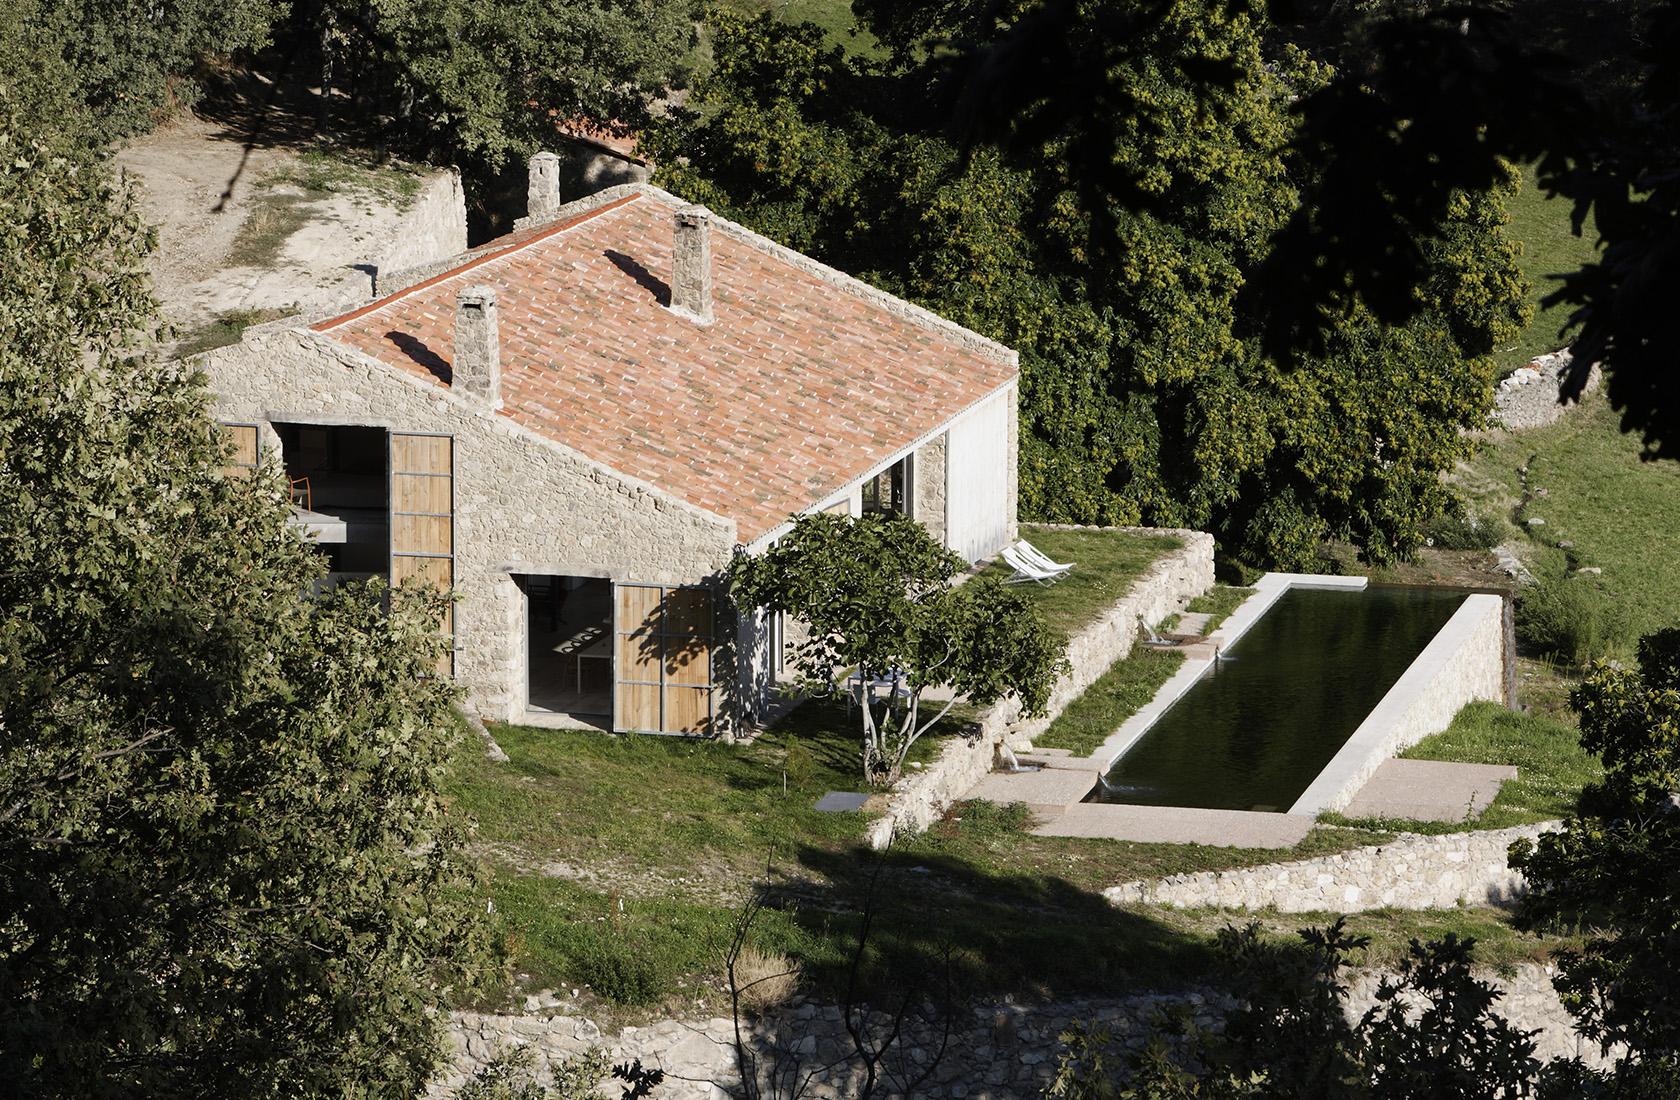 Vista panorámica de la casa de campo reformada en Extremadura